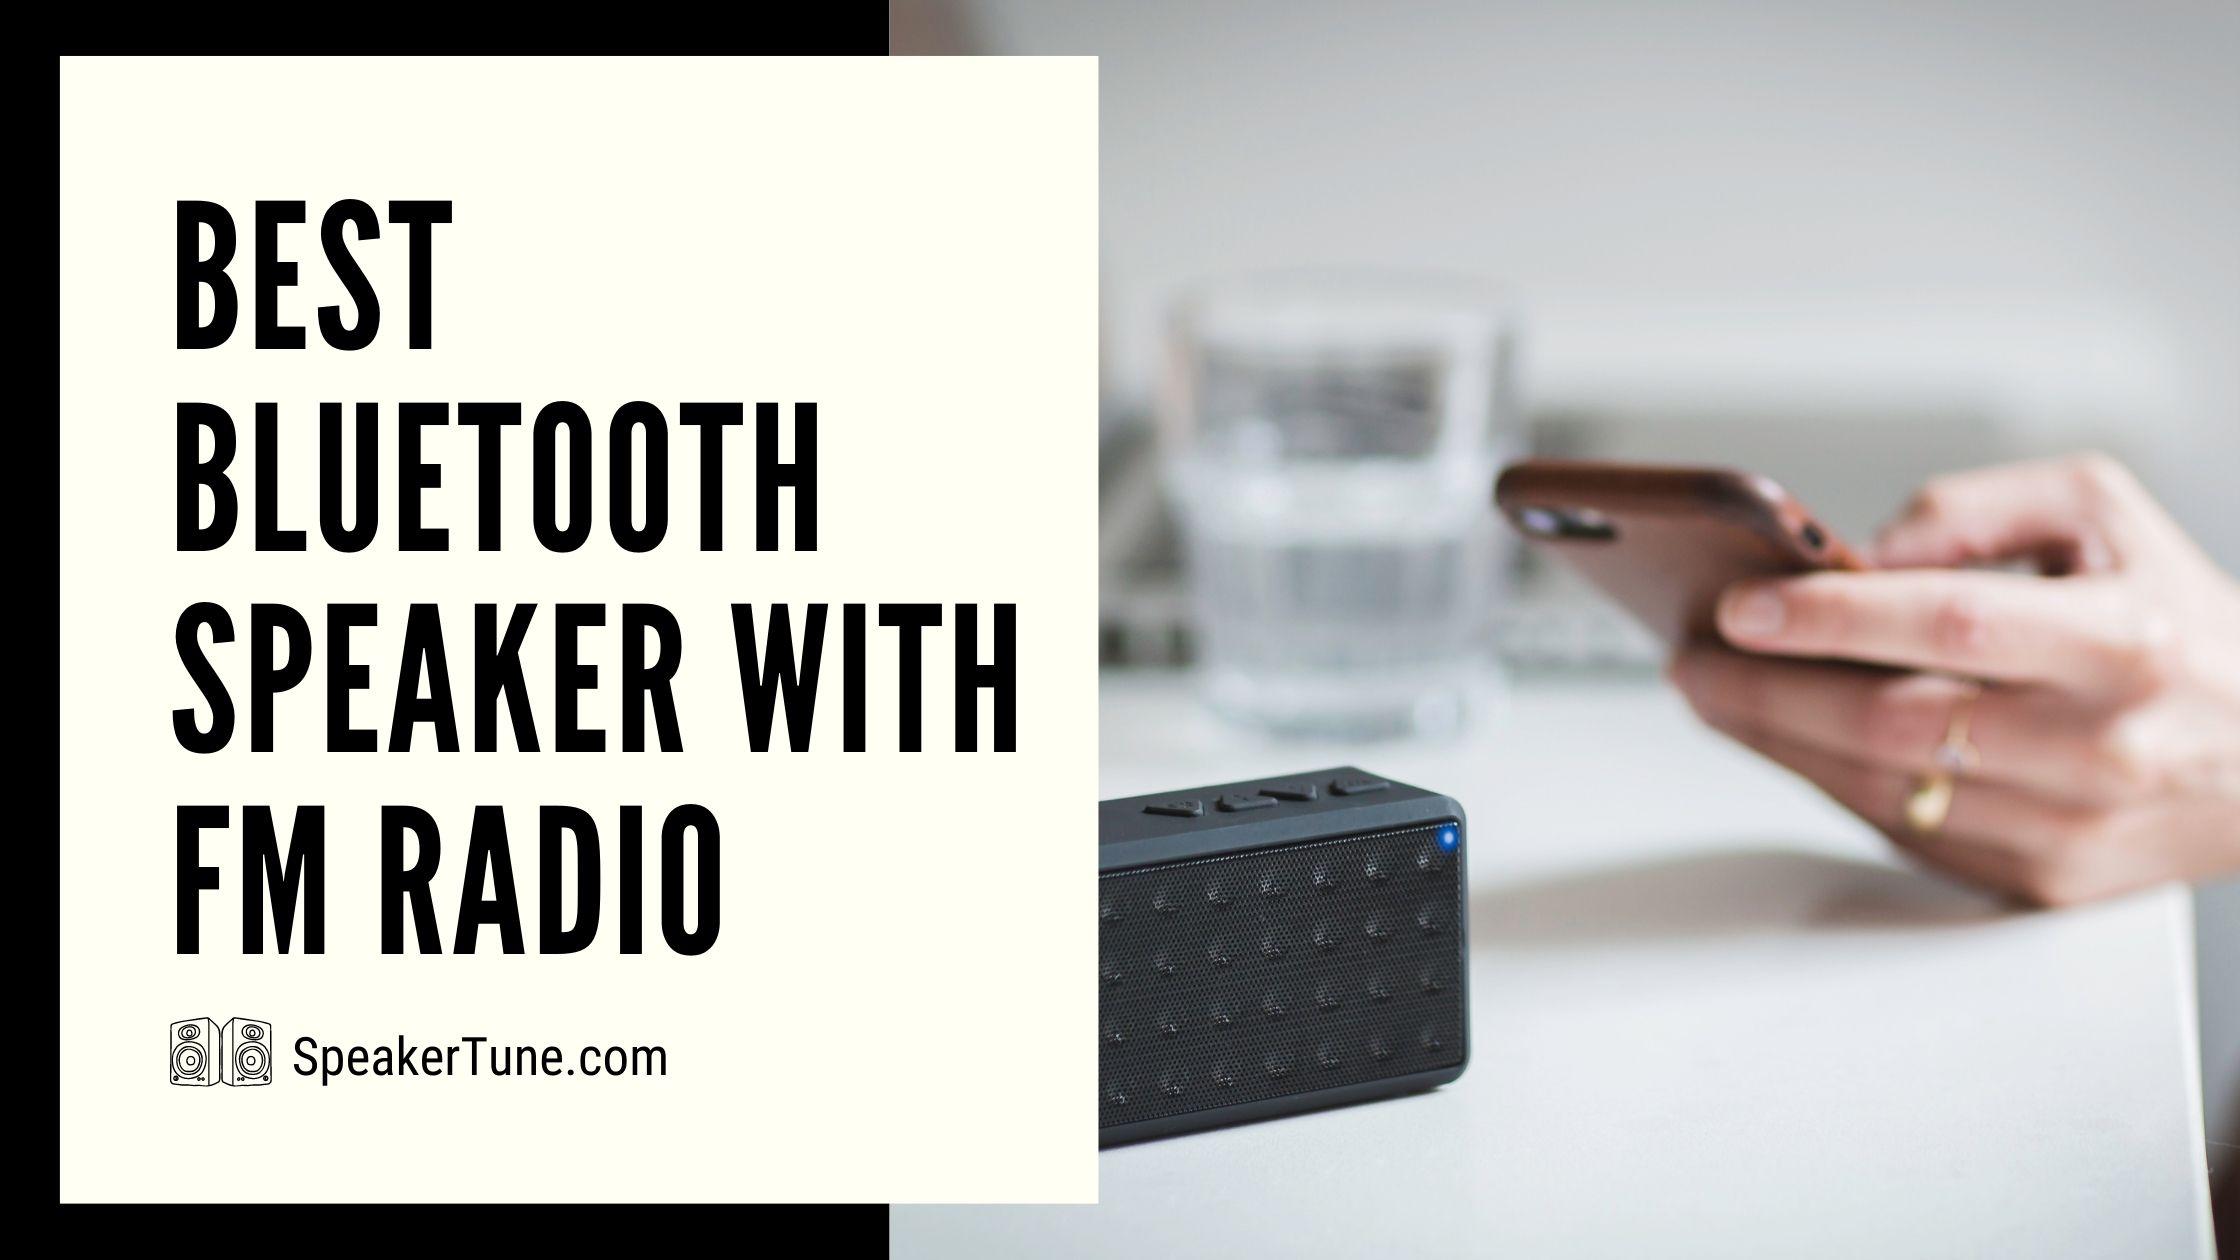 ST-Best-Bluetooth-Speaker-with-FM-Radio